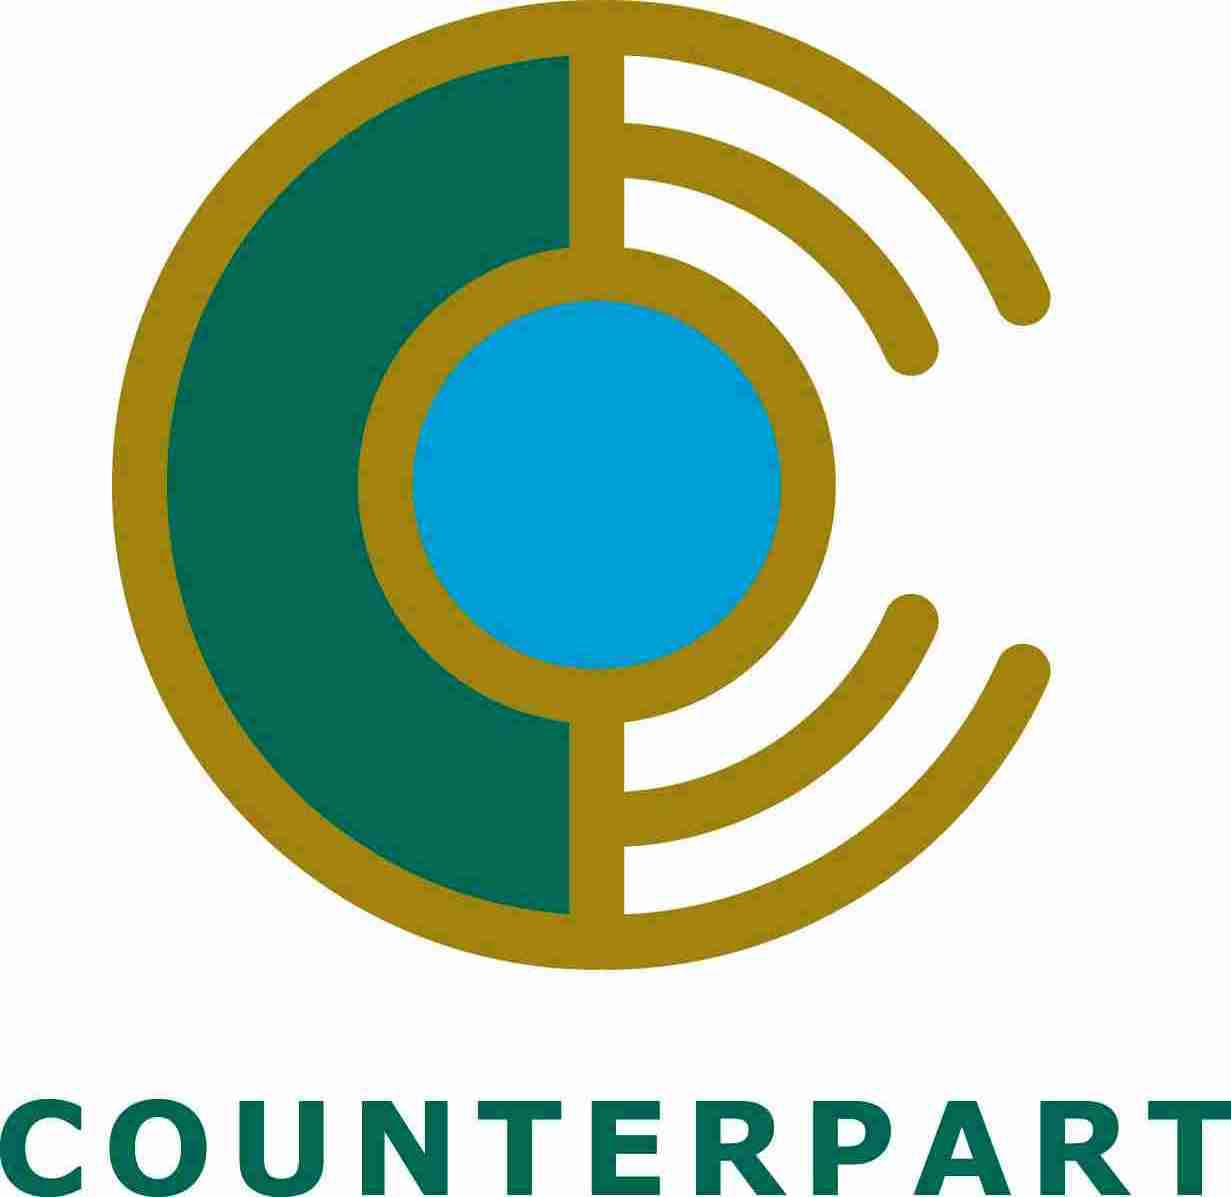 Official Counterpart Logo